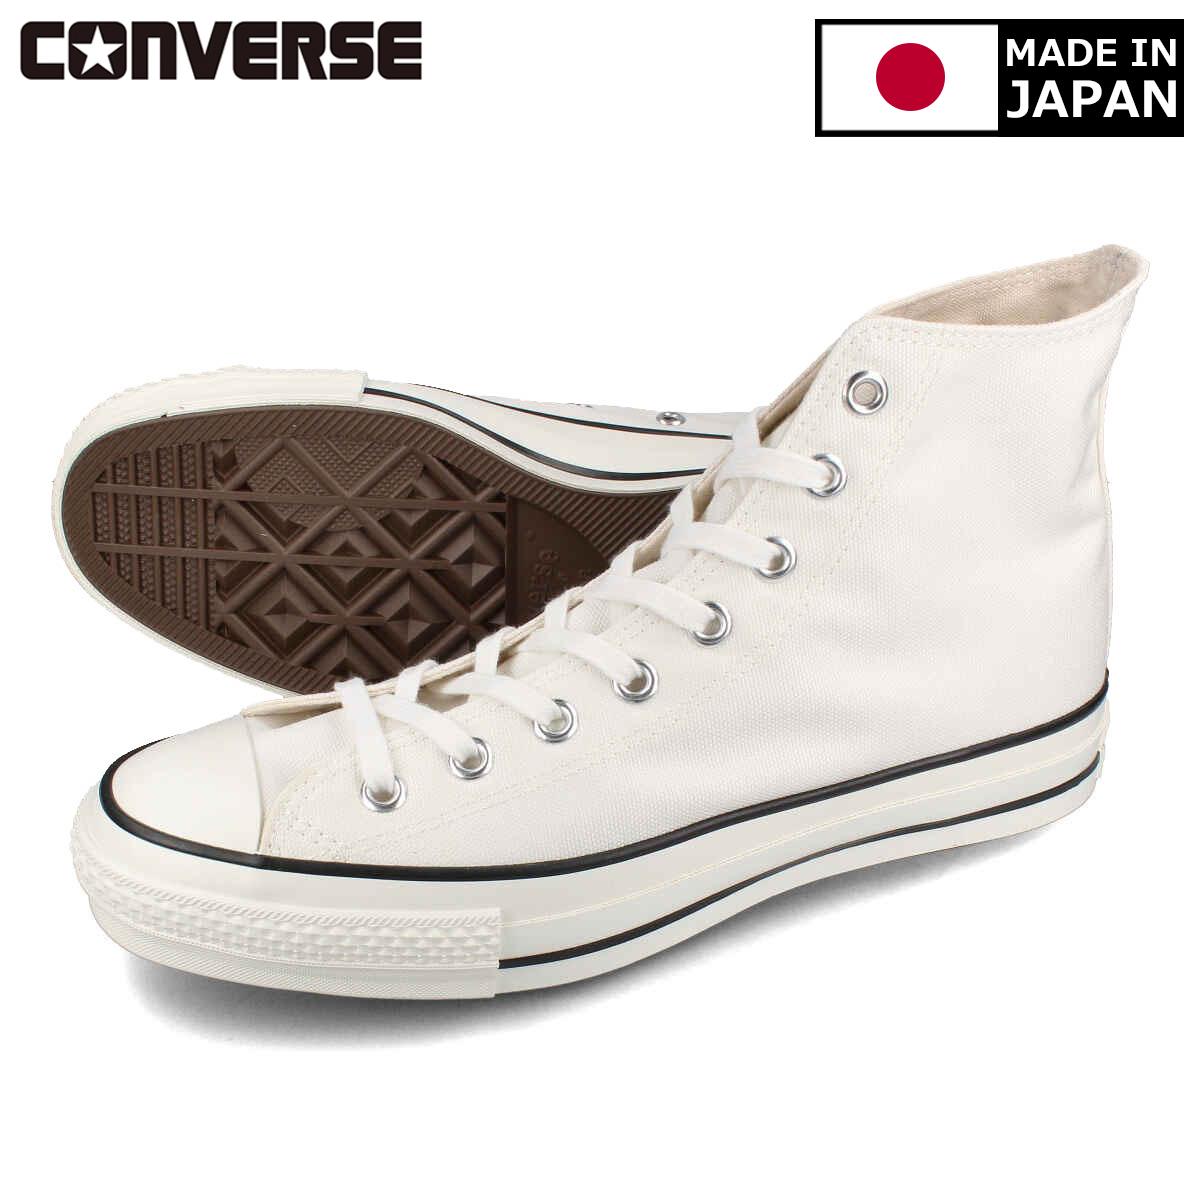 送料無料 CONVERSE コンバース メンズ 靴 スニーカー MADE IN JAPAN メイド イン 絶品 32067960 オールスター WHITE ジャパン J STAR 日本製 CANVAS ALL HI 割り引き